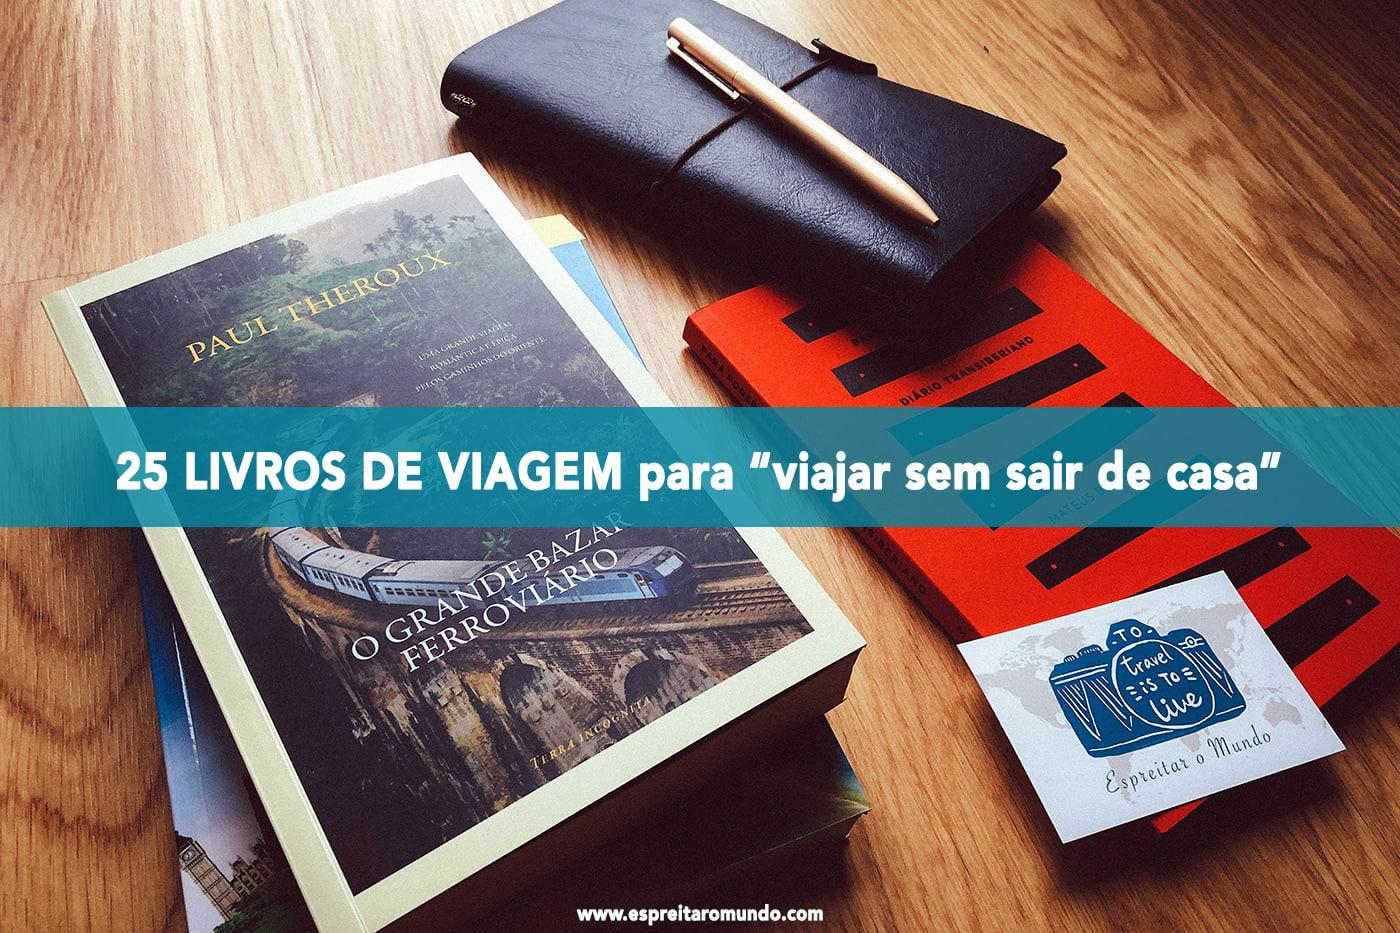 """@espreitaromundo's cover photo for '25 livros de viagem para """"viajar sem sair de casa"""" - Espreitar o Mundo'"""